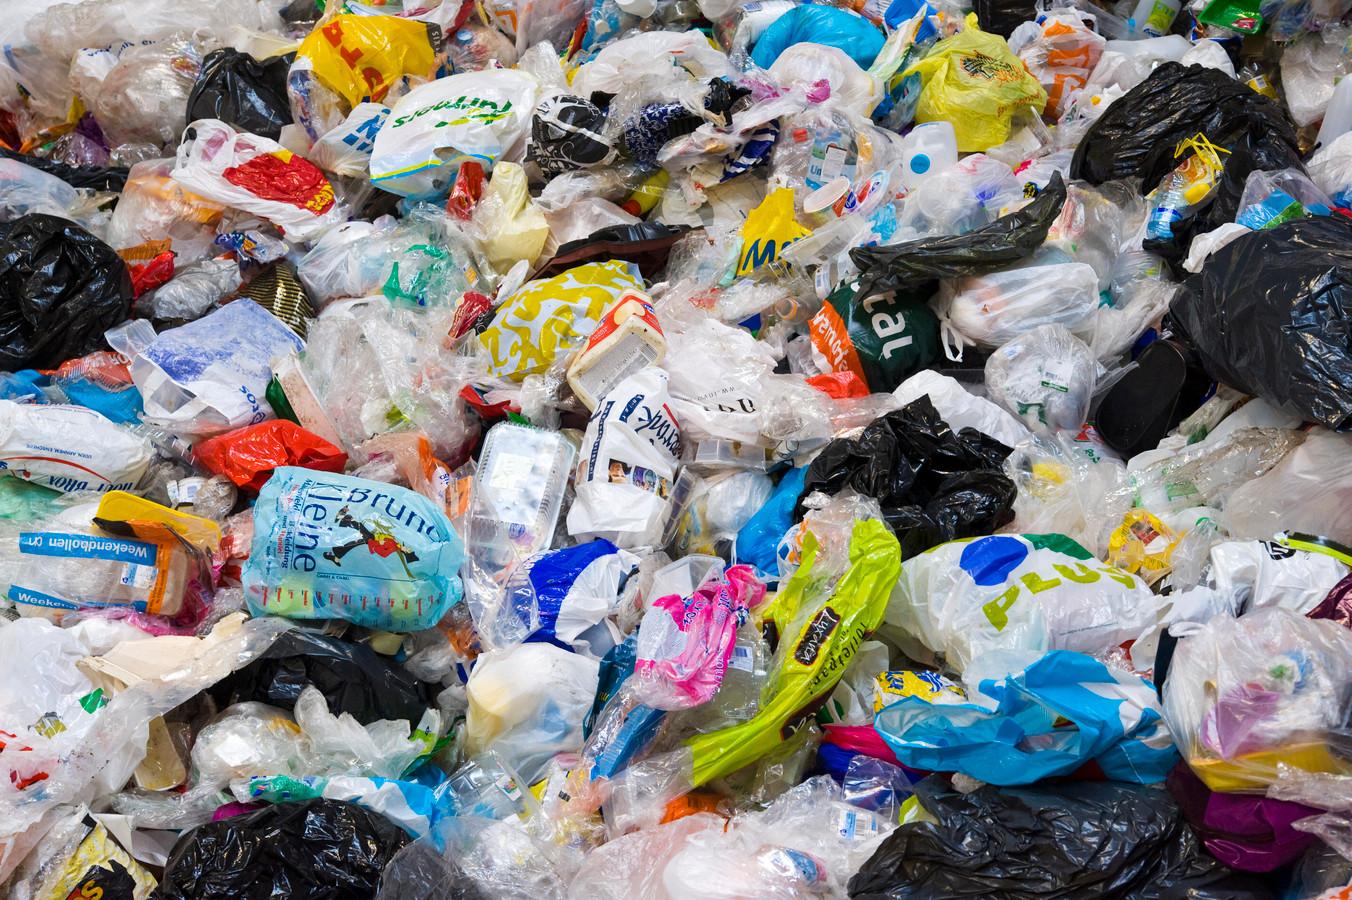 Er moet wat gebeuren tegen de ernstige vervuiling van plasticafval, vindt de gemeente Hengelo.